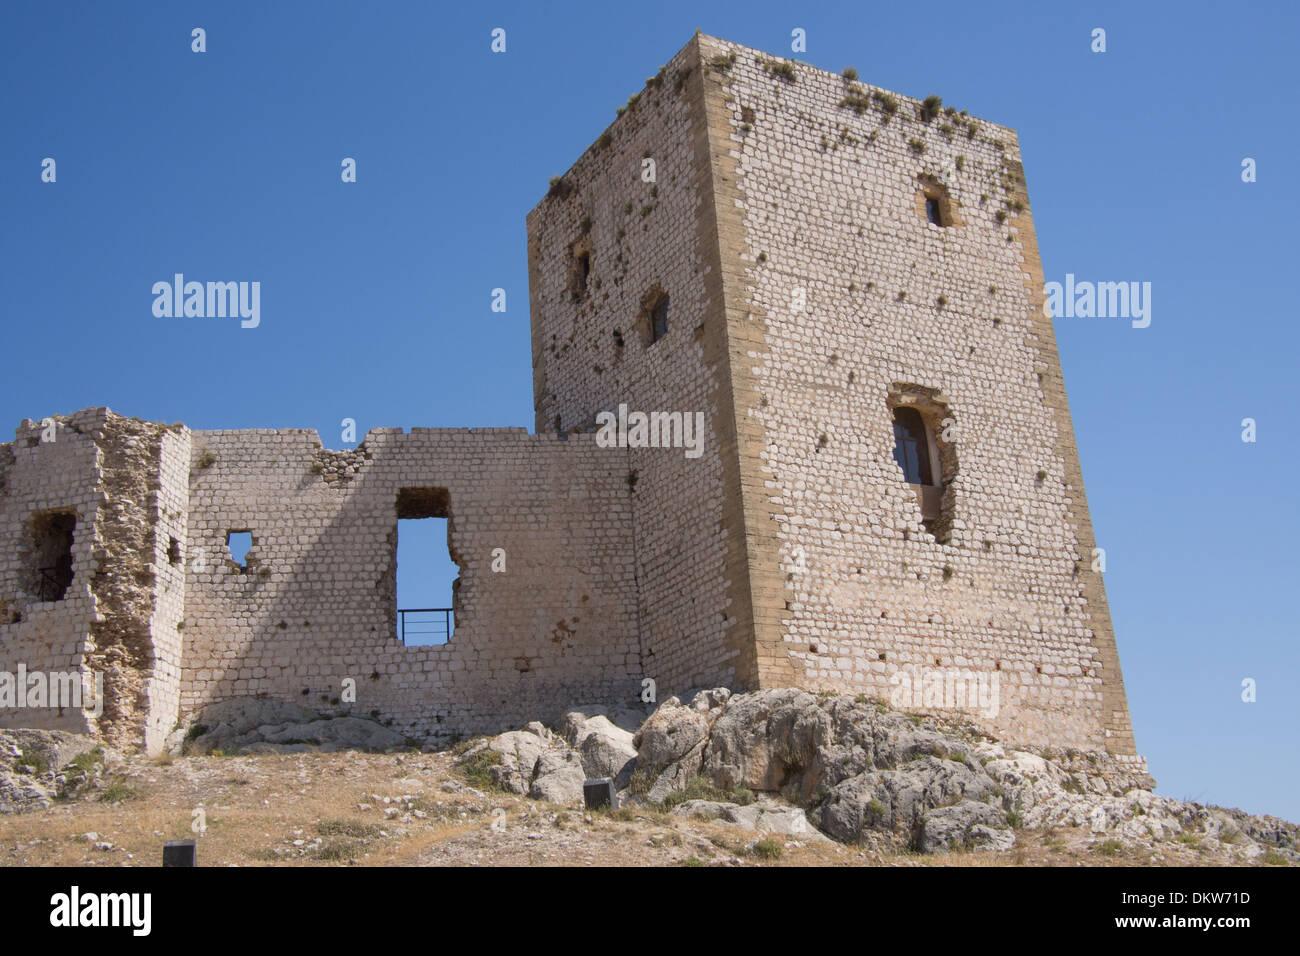 Le rovine del castello a Teba, uno dei villaggi bianchi (Pueblos Blancos) di Andalusia, Spagna. Immagini Stock